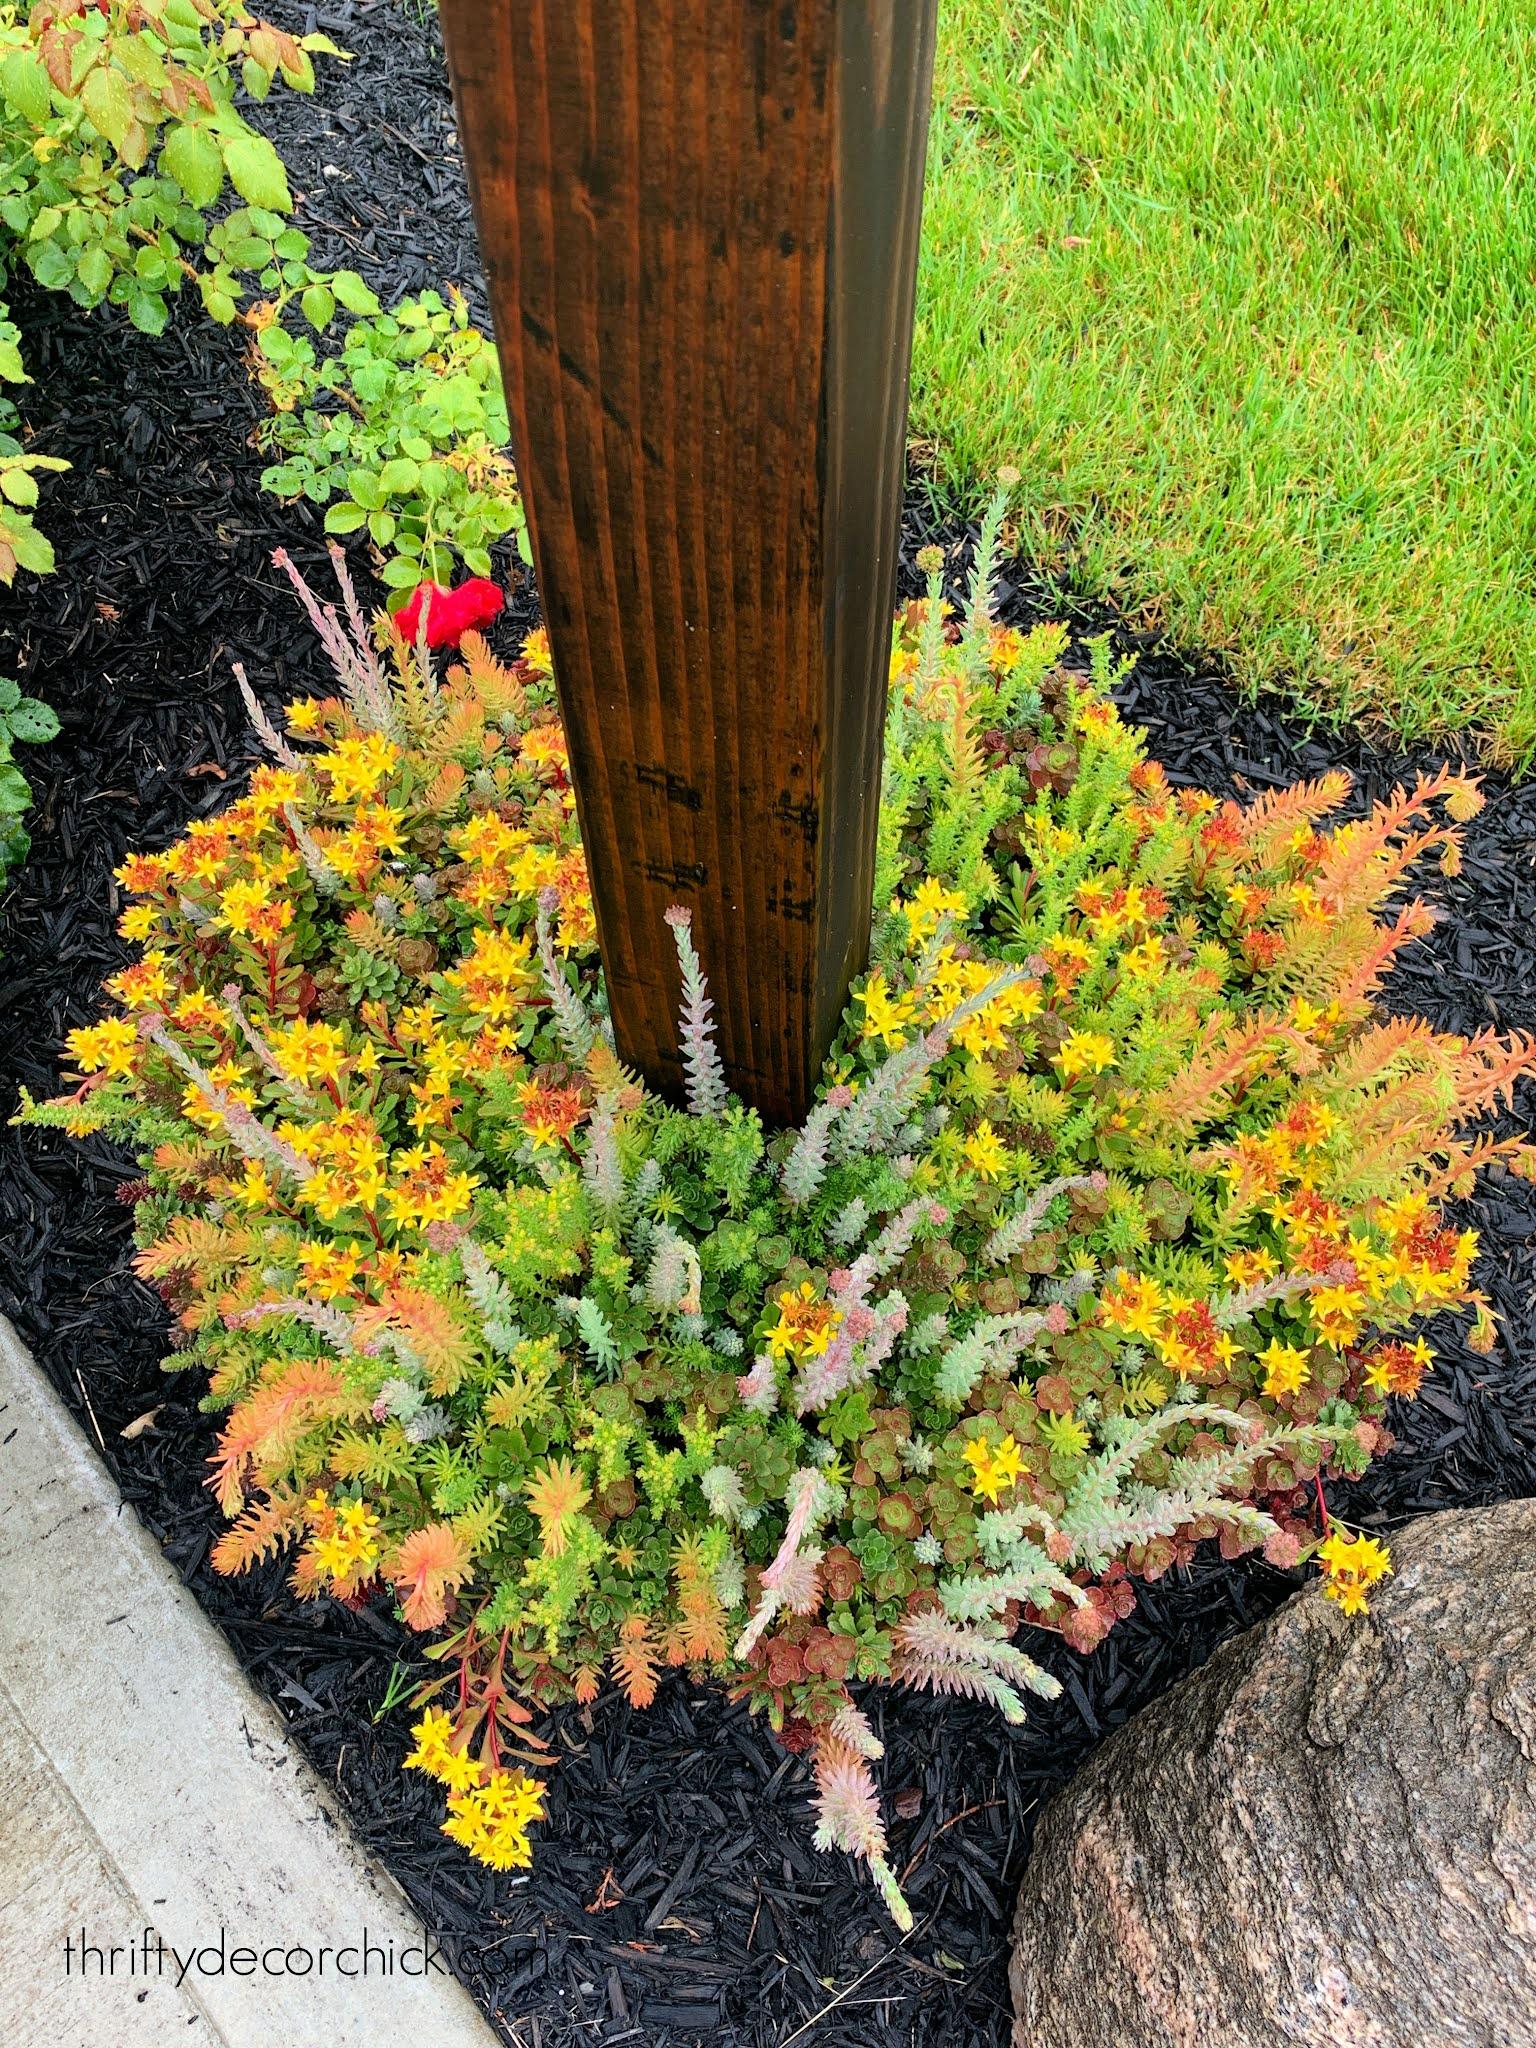 sedum tile plant in planter